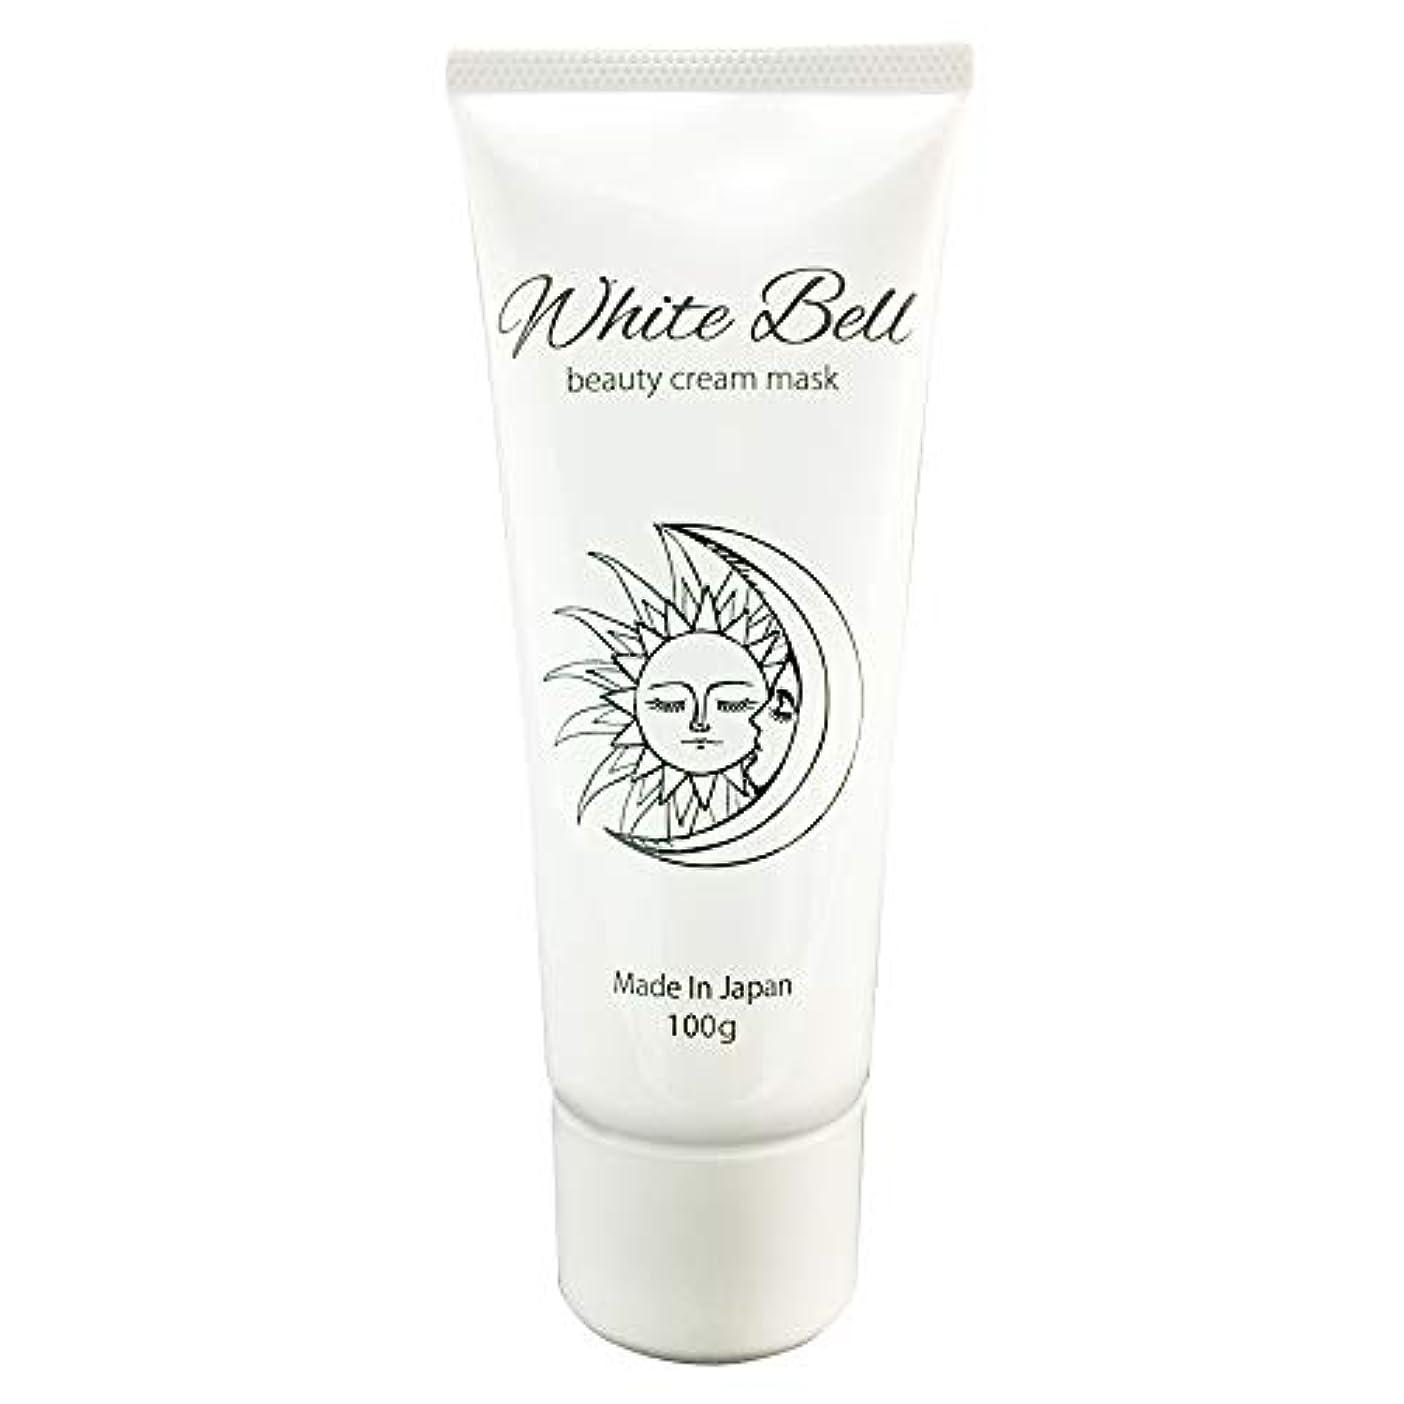 偽善者ご注意ローンホワイトベル ビューティークリームマスク White-Bell beauty cream mask ナイトクリーム オールインワン